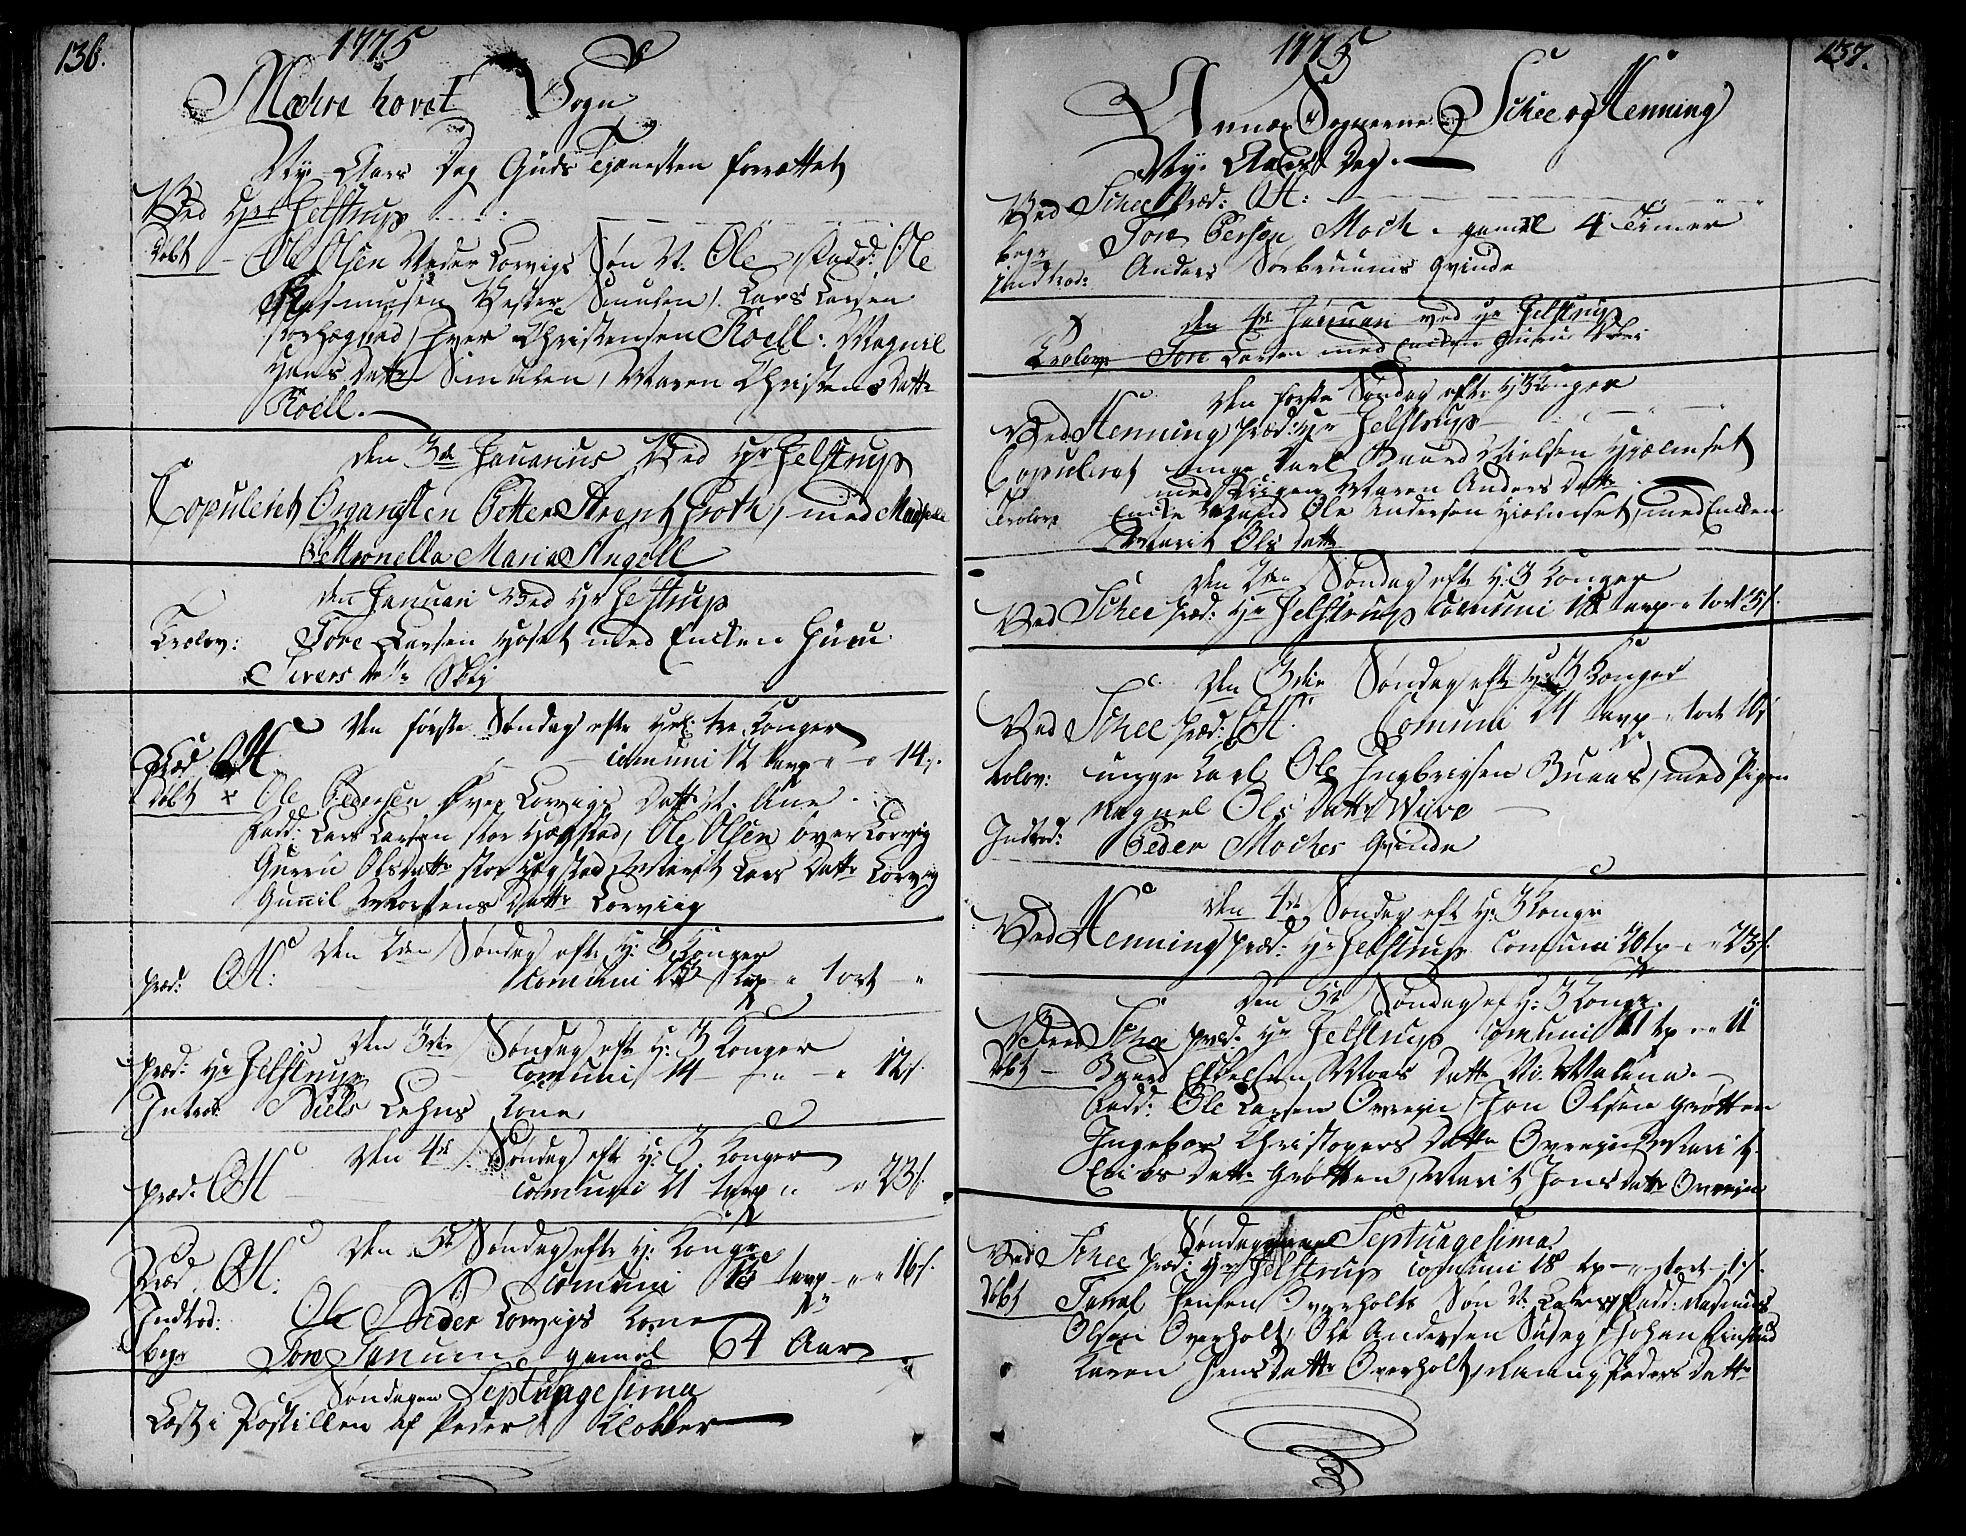 SAT, Ministerialprotokoller, klokkerbøker og fødselsregistre - Nord-Trøndelag, 735/L0331: Ministerialbok nr. 735A02, 1762-1794, s. 136-137